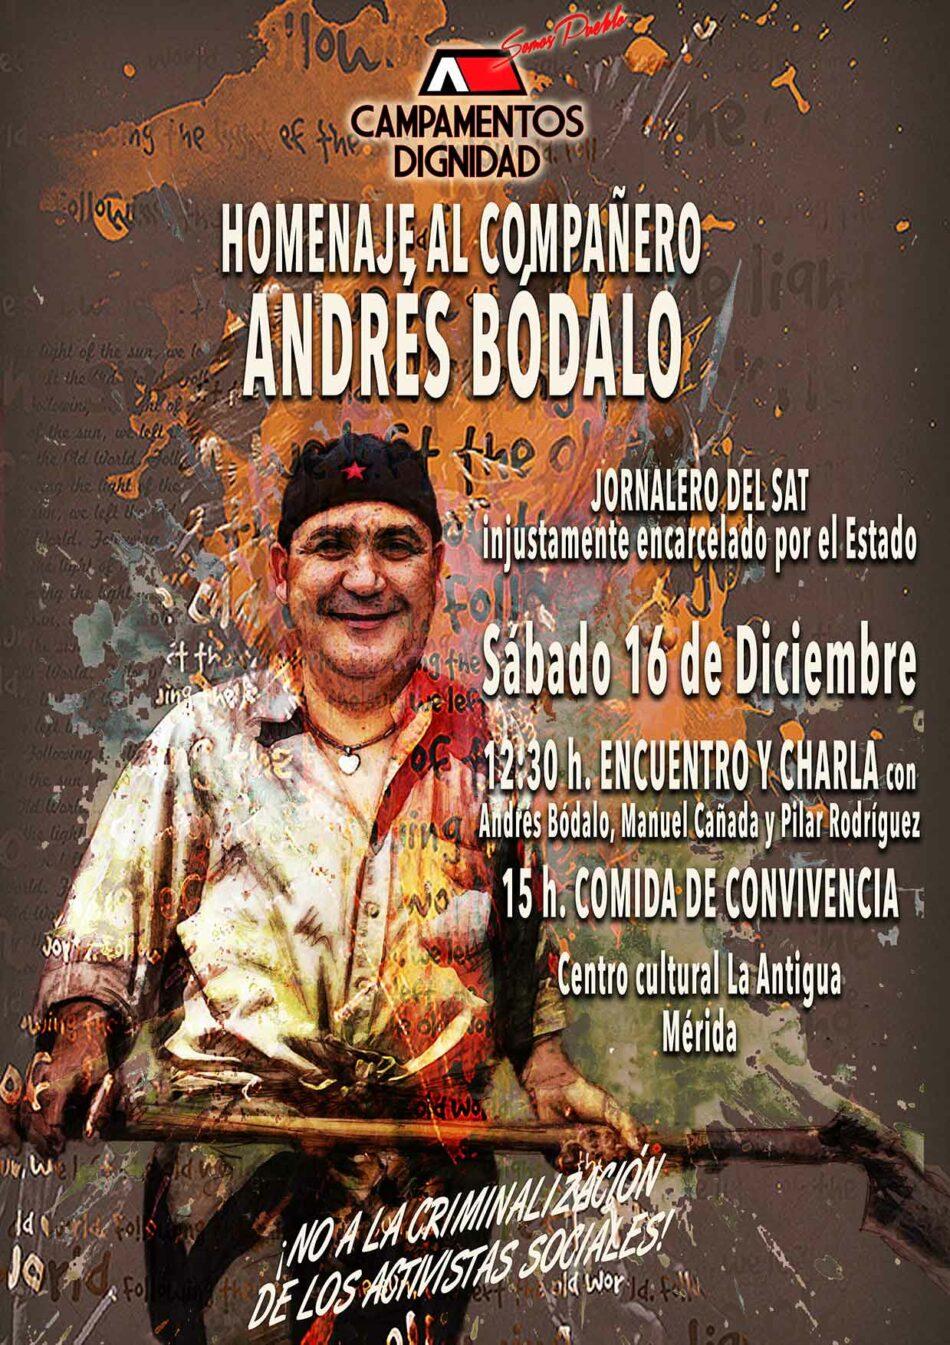 Homenaje a Andrés Bódalo en Mérida: sábado, 16 de diciembre